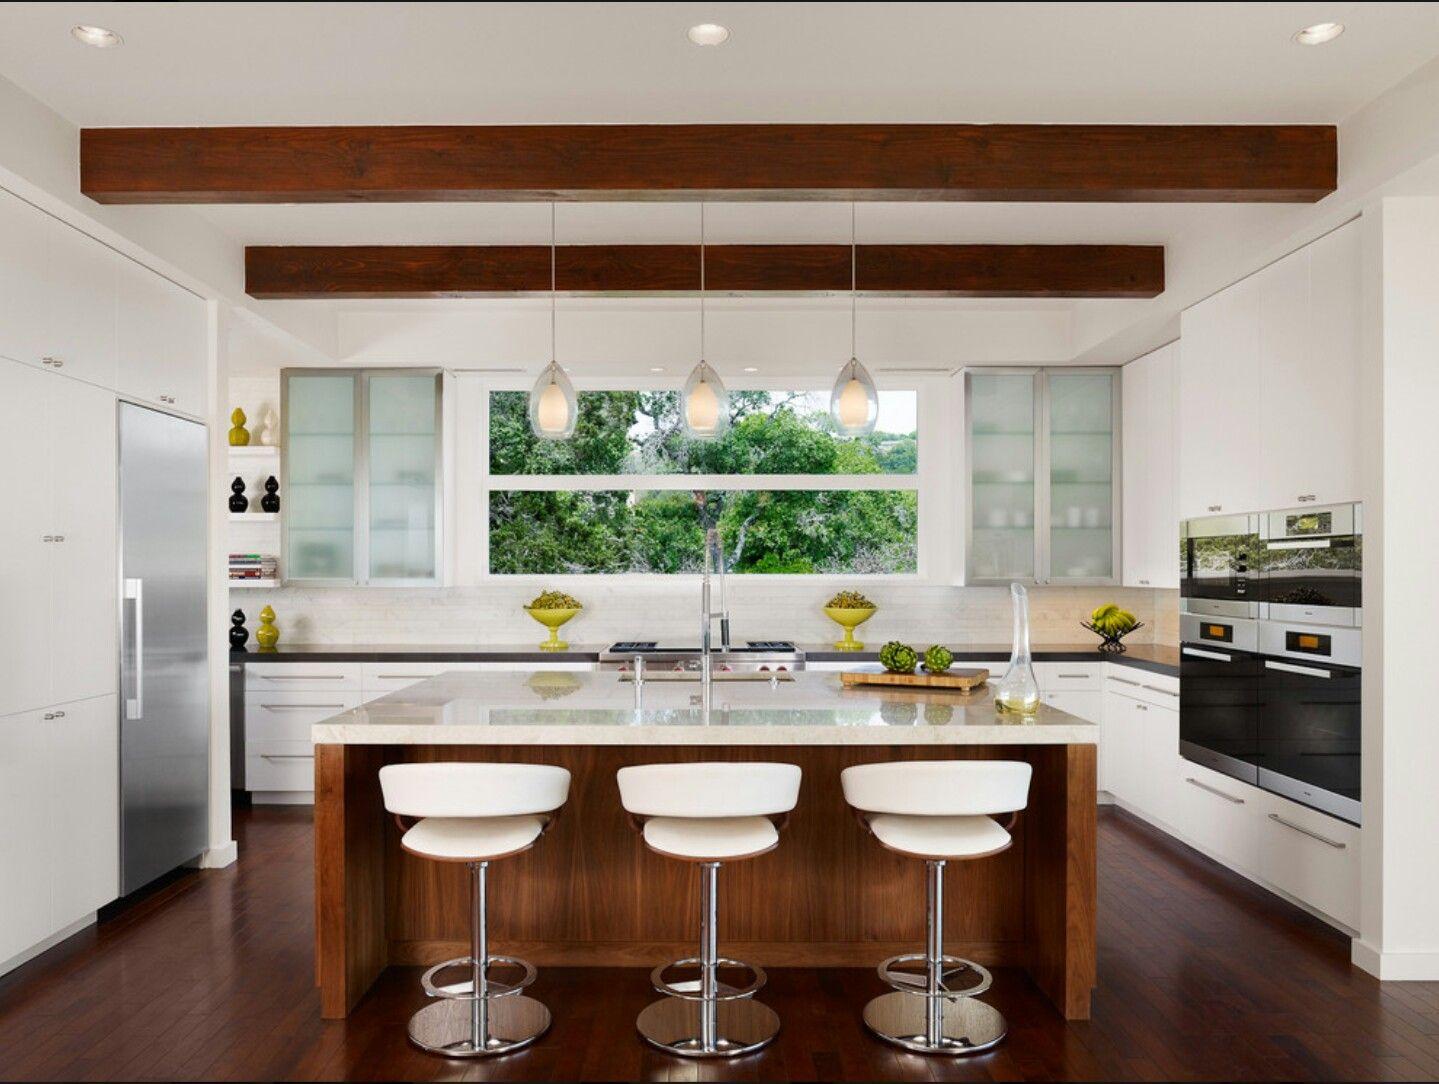 Fein Diy Küchenschränke Südafrika Bilder - Ideen Für Die Küche ...